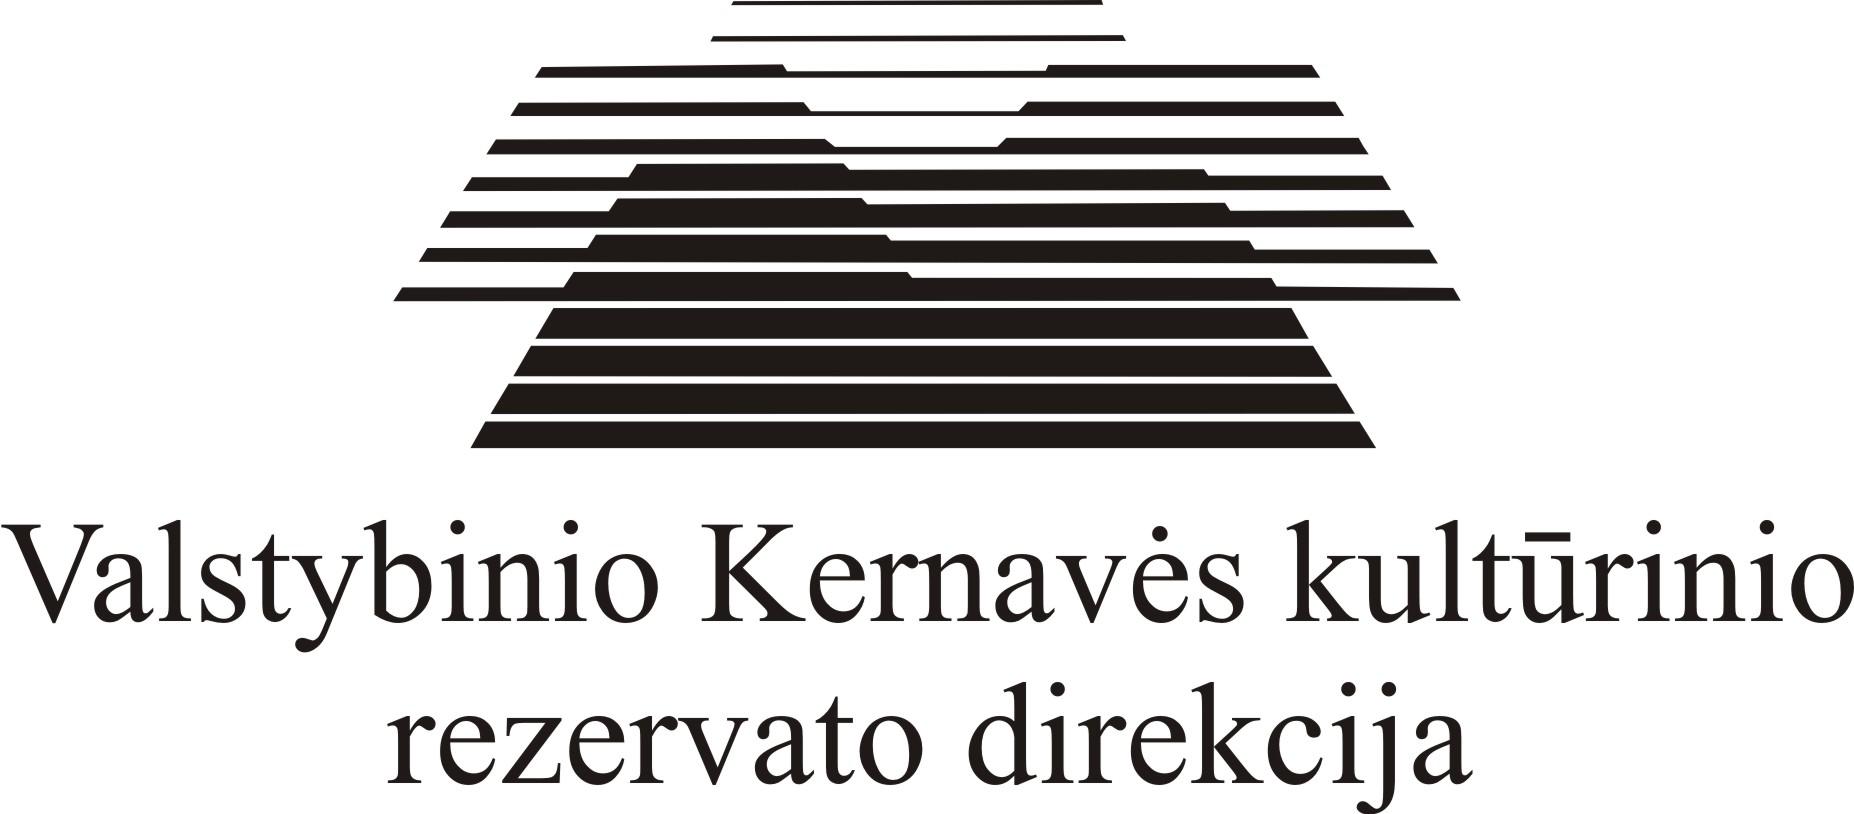 INTERNETO SVETAINĖS GRAFINIO DIZAINO SUKŪRIMAS – KERNAVĖS REZERVATAS